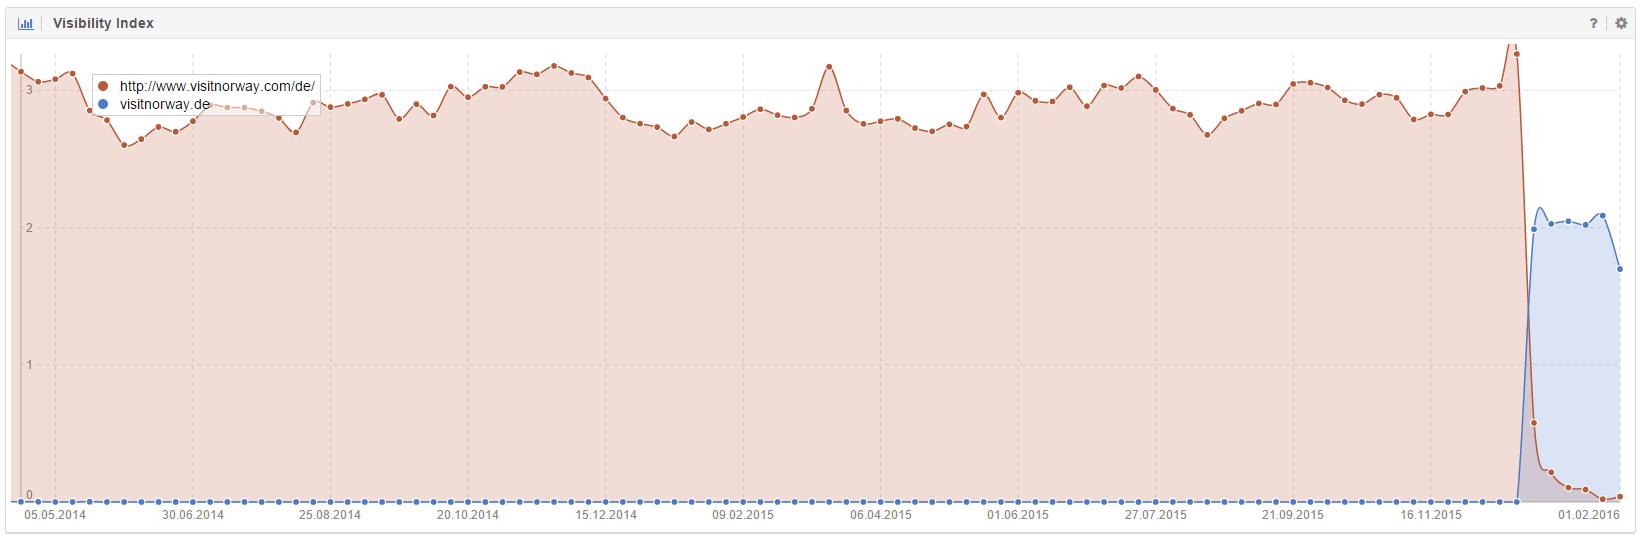 Vergleich der Sichtbarkeiten von visitnorway